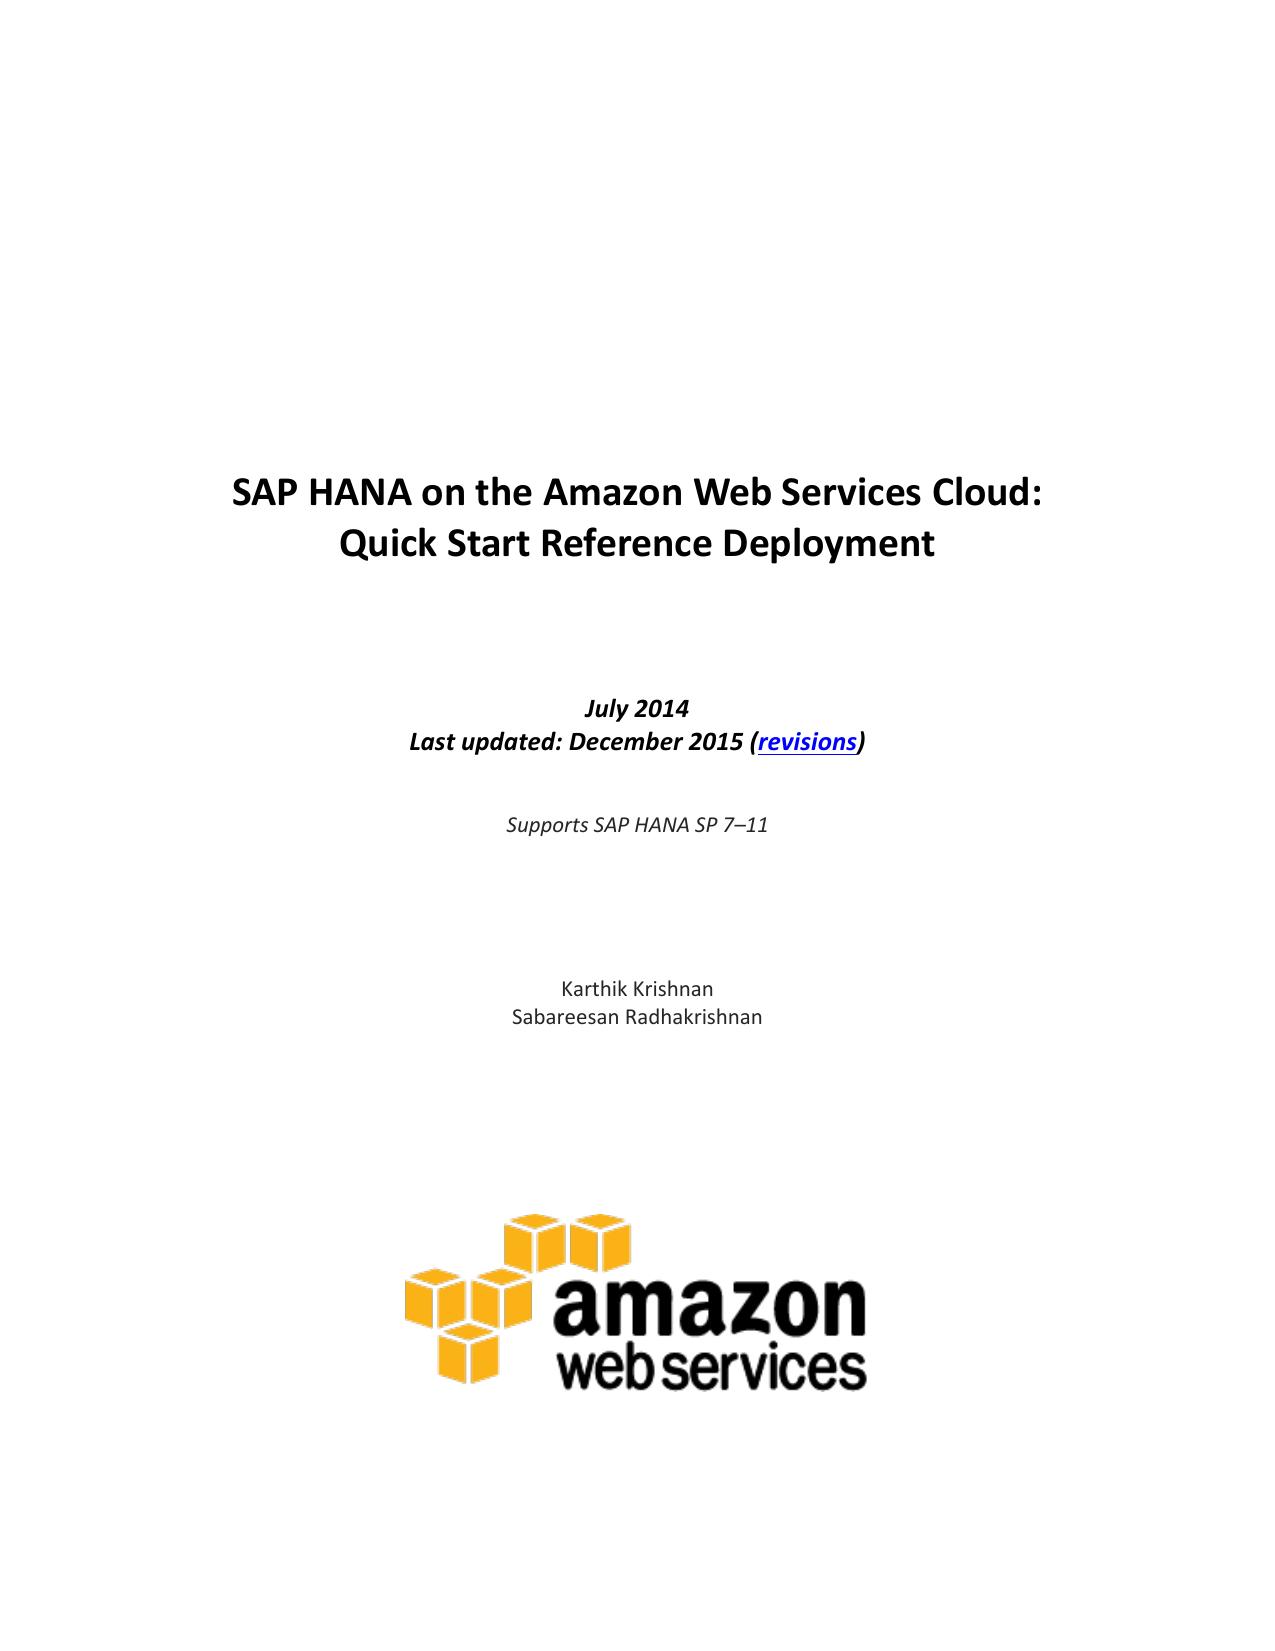 AWS SAP HANA Reference Deployment Guide   manualzz com